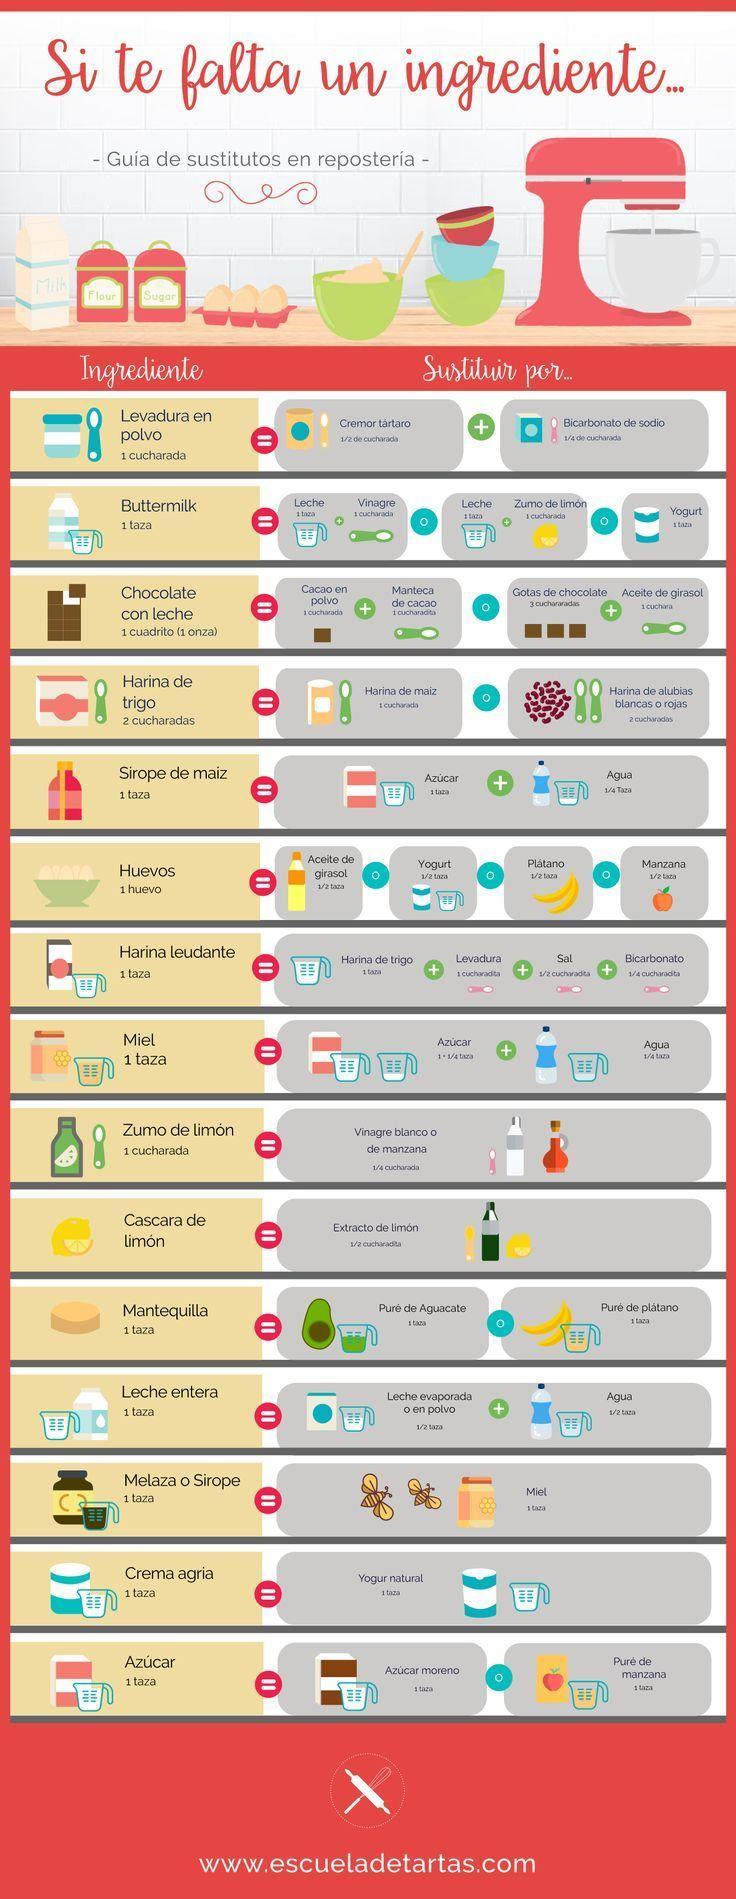 Sustitución de Ingredientes en repostería / Substitute ingredients in baking